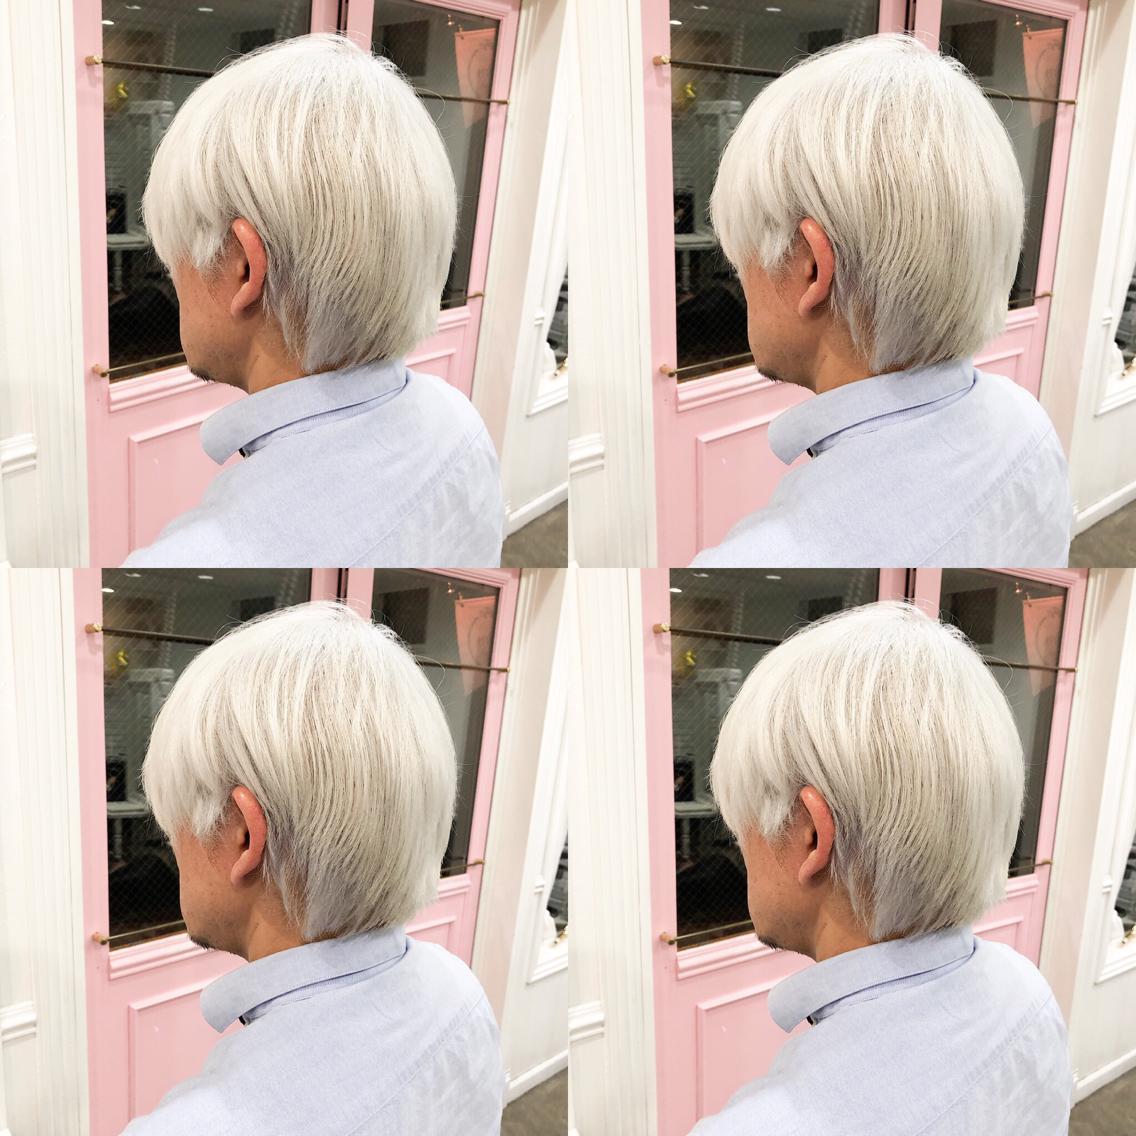 #ショート #カラー men's ・perfect White・ ✳︎10800円〜✳︎ ✳︎minaでブリーチ3〜5回出来れば綺麗なホワイトヘアを作れます👻 ✳︎ ✳︎ダメージが強いとブリーチが出来ない場合もあるのでご了承ください ✳︎ムラシャンはエンシェールズのシャンプーを薄めて使うのがオススメ🧖🏻♀️ ✳︎ ✳︎黒染めや縮毛、デジパをしていなくてダメージがひどくなければおおよそ4〜5回ブリーチで出来ます🦄✳︎ 最後まで可愛く仕上げます🇰🇷 ✳︎ お店の近くにあるティファニーカフェで映えな写真もプレゼントします🦄 ✳︎ ✳︎黒染め履歴、ダメージが強い方はでホワイトにはならないです💦  #原宿#ハイトーンカラー#シルバーカラー#ヘアカラー#ネイビーカラー#ホワイトカラー#ブロンドヘアー#アッシュ#ケアブリーチ#ブロンドカラー#派手髪#ラベンダーカラー#ミルクティーカラー#アッシュ#ミルクティーベージュ#ブルージュ#グレージュ#ピンクカラー#インナーカラー#ハイライトカラー#グラデーションカラー#bts#seventeen#twice ✳︎ ✳︎ ✳︎